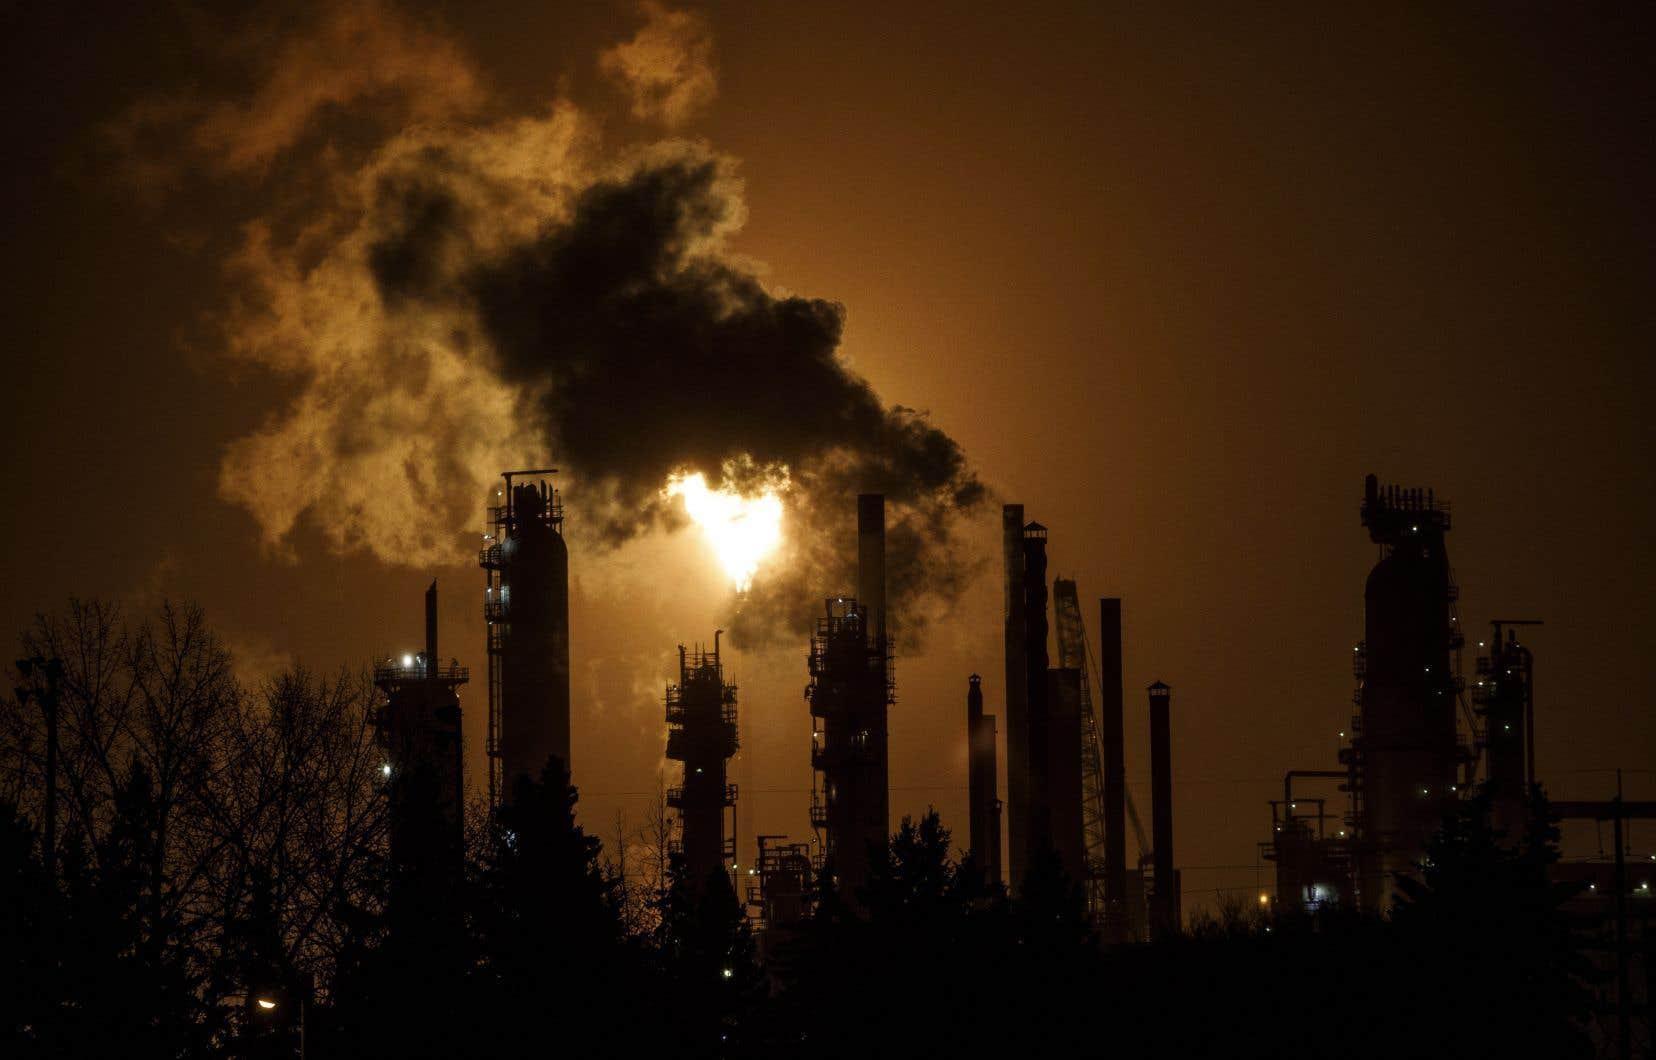 Le gouvernement Trudeau a promis d'orienter le Canada vers l'atteinte de la « carboneutralité » d'ici 2050.